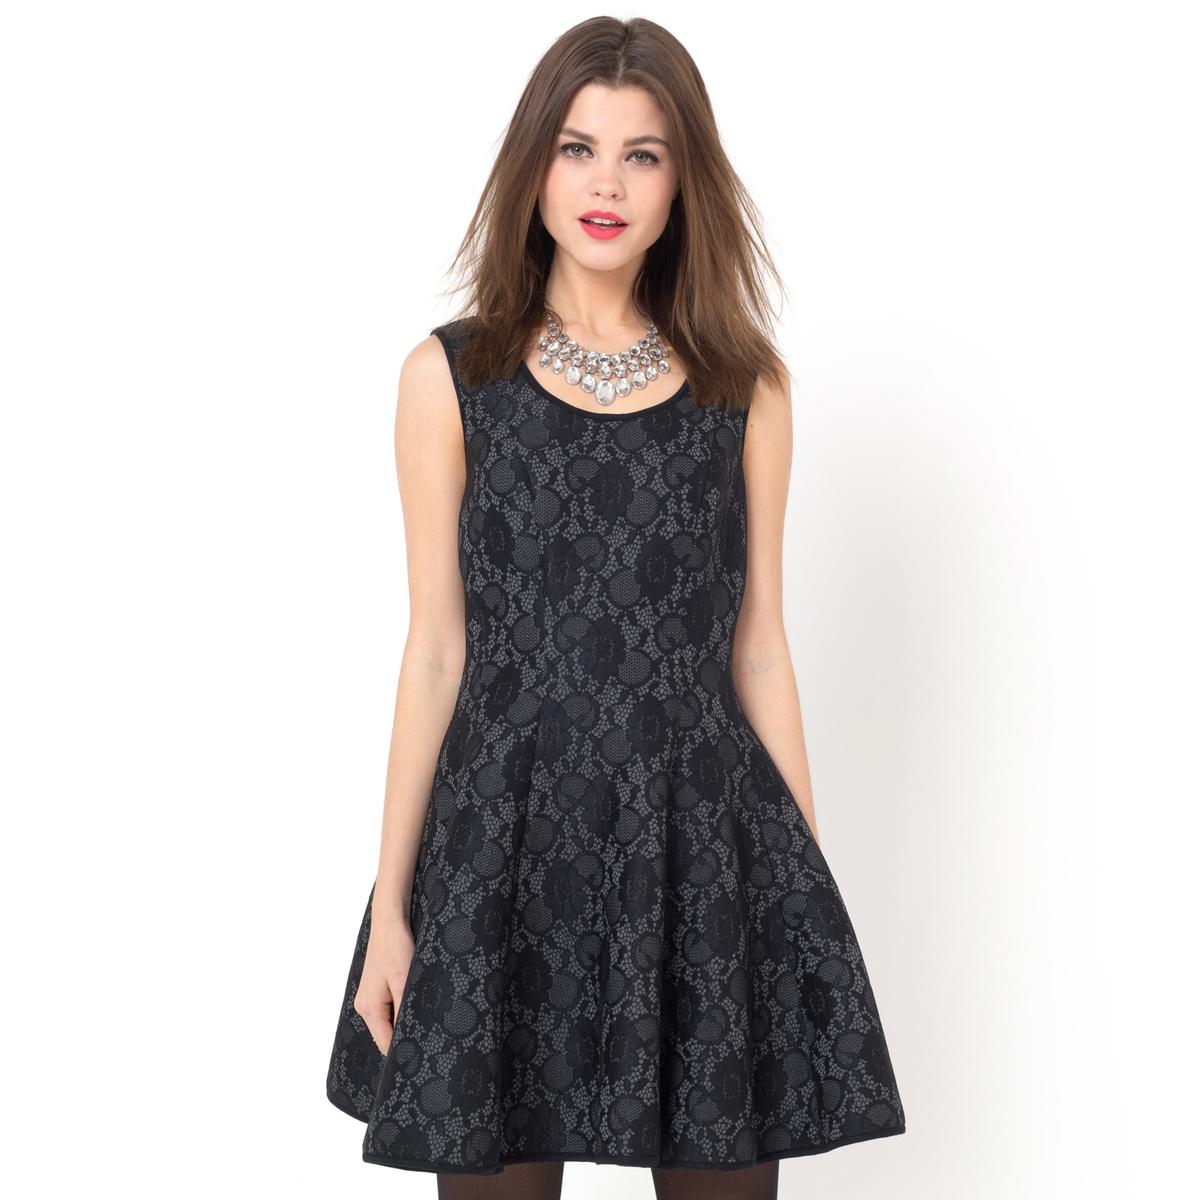 Платье кружевноеКружевное платье, 80% полиамида, 15% вискозы, 5% эластана. Кружево, 90% полиамида, 10% эластана. Застежка на молнию. Широкий покрой.<br><br>Цвет: черный<br>Размер: 38 (FR) - 44 (RUS)